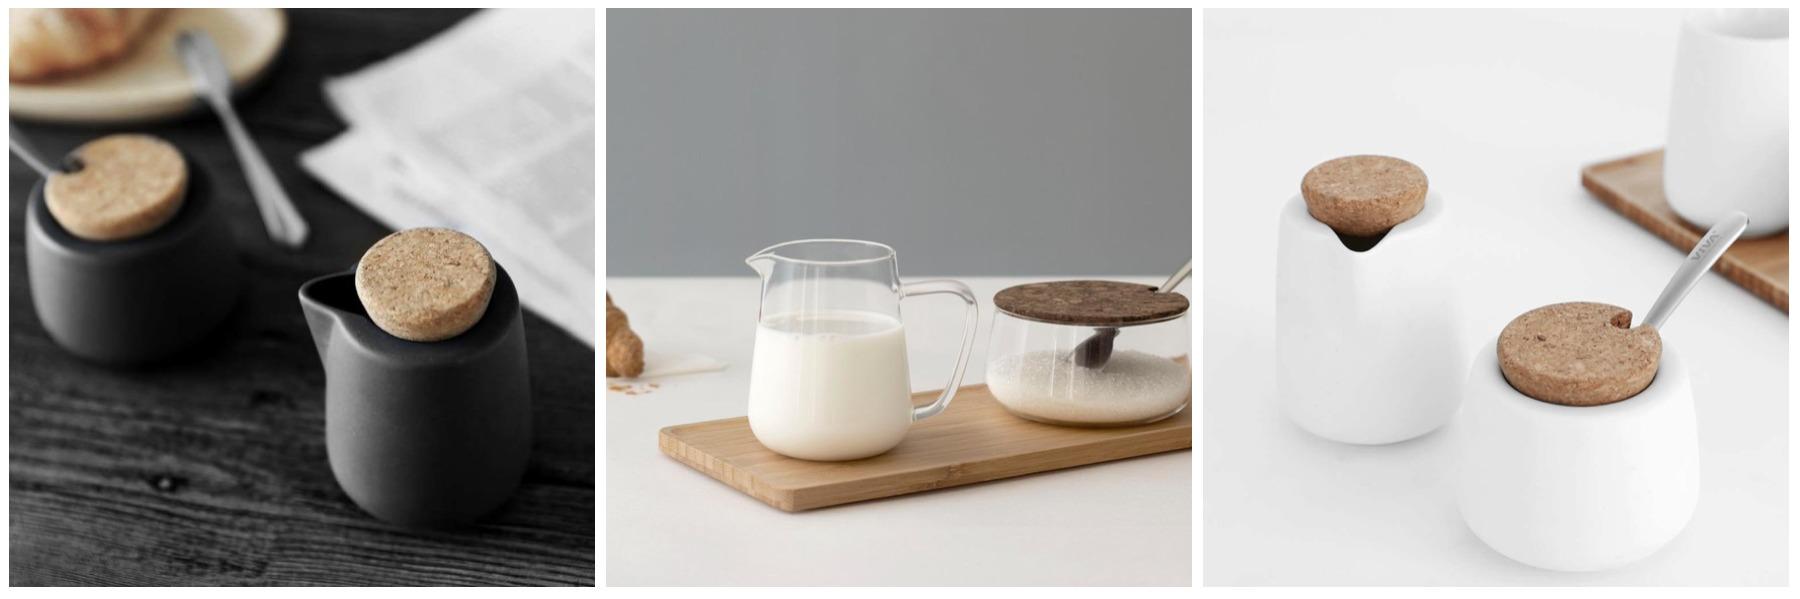 Melk & Suikersets